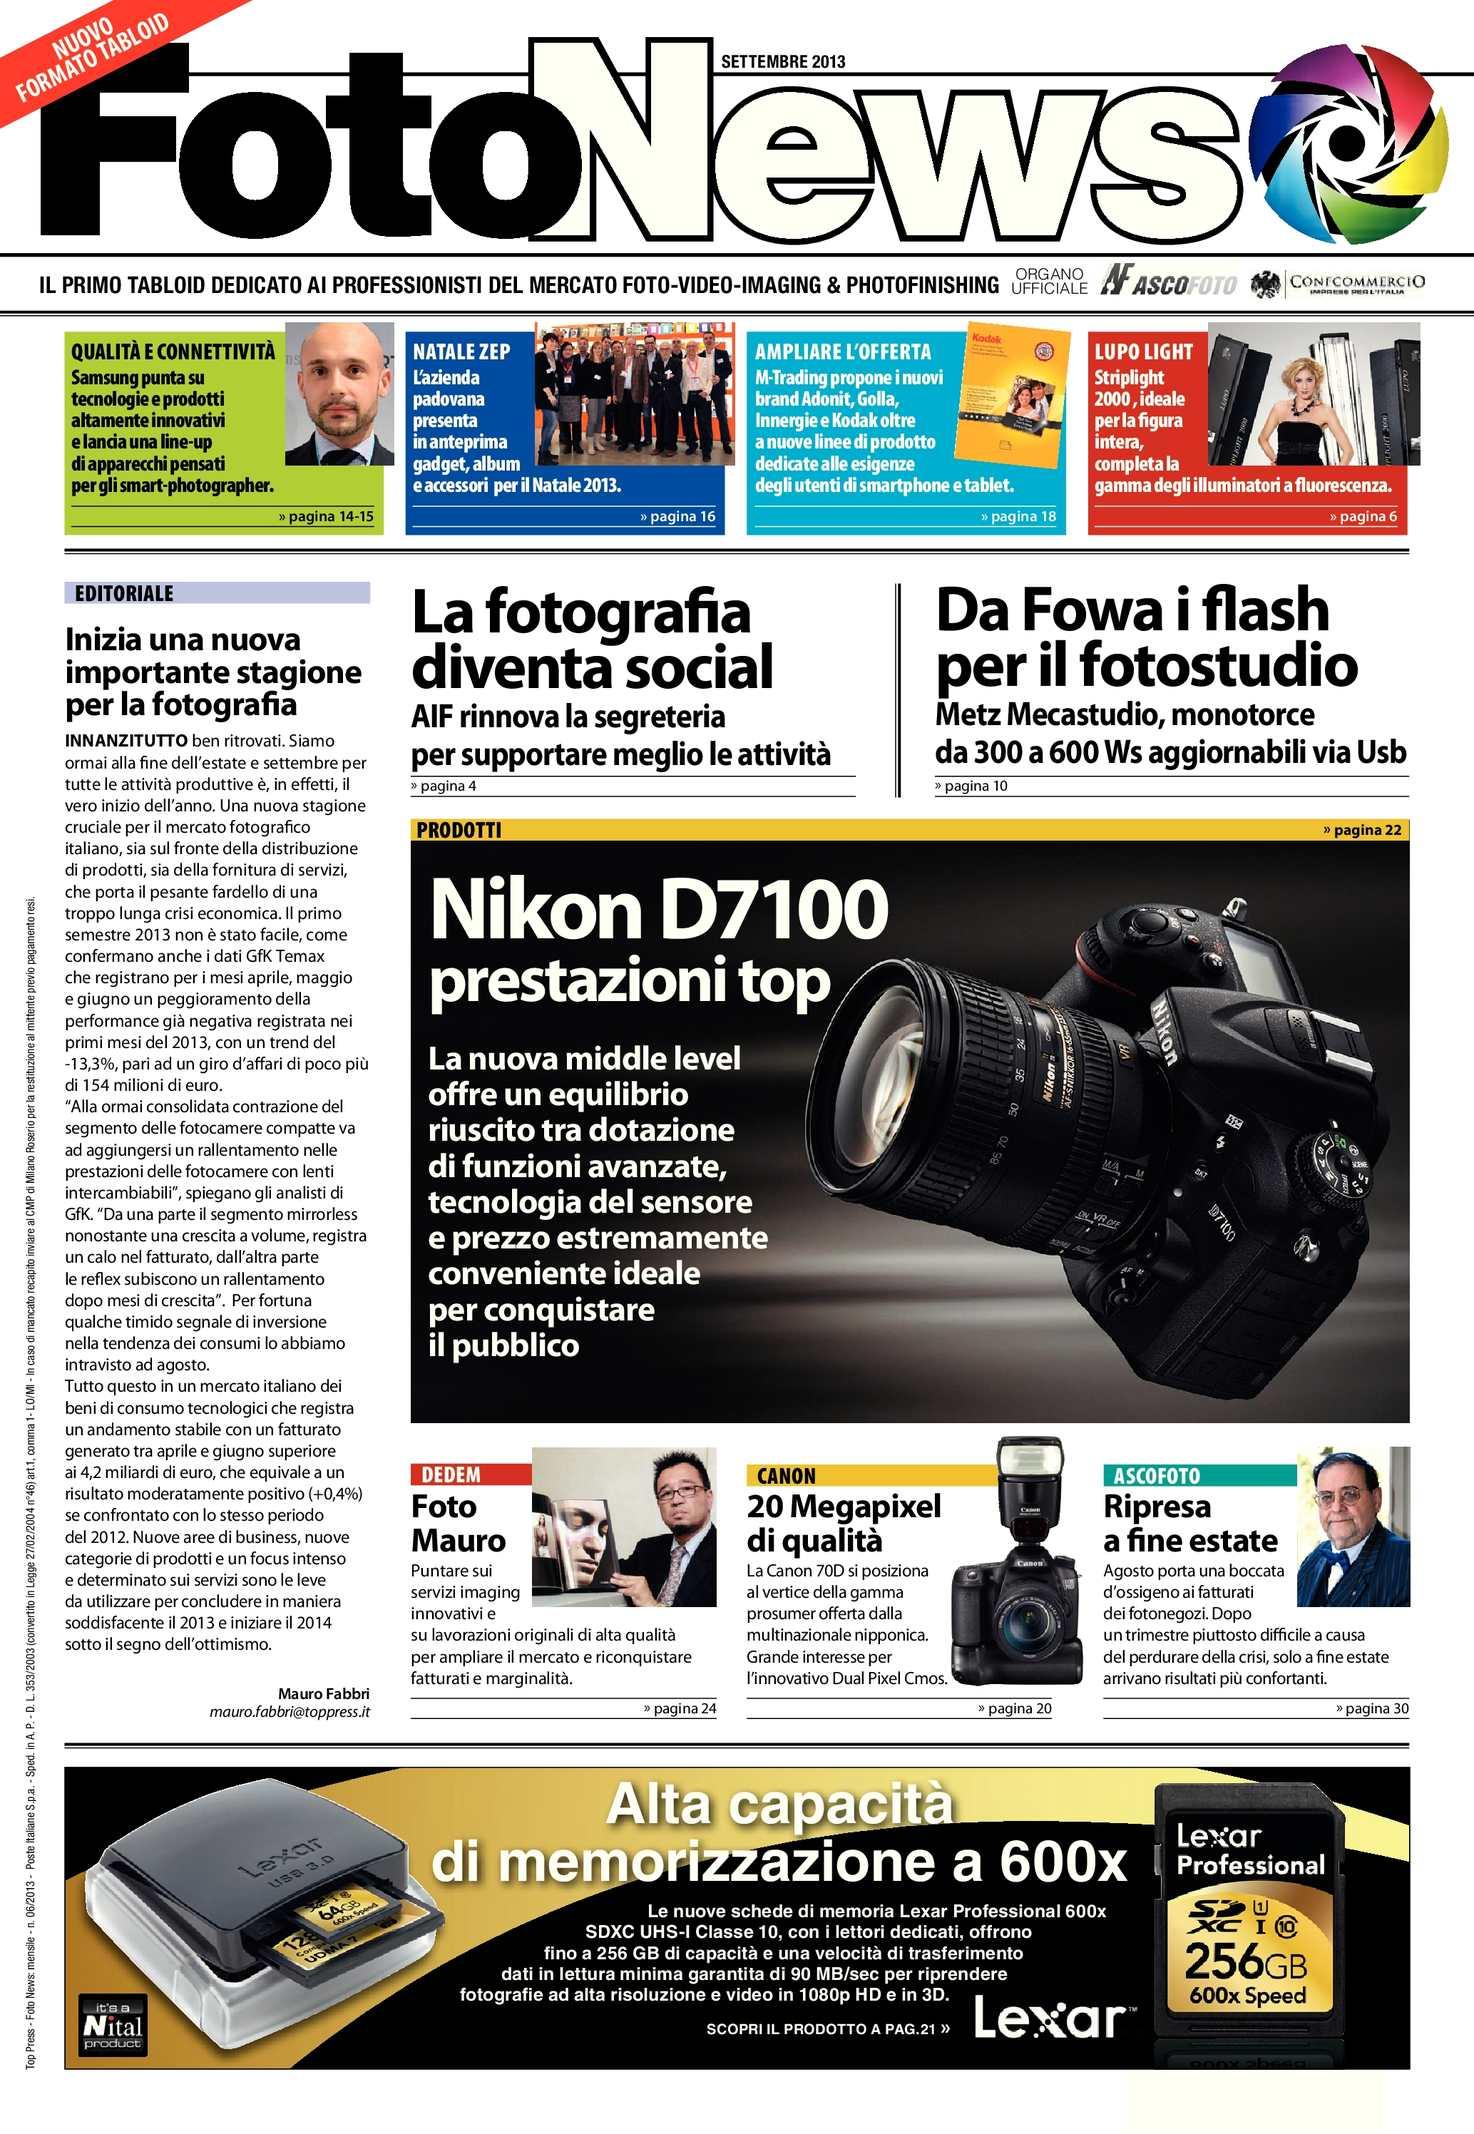 FotoNews 06/2013